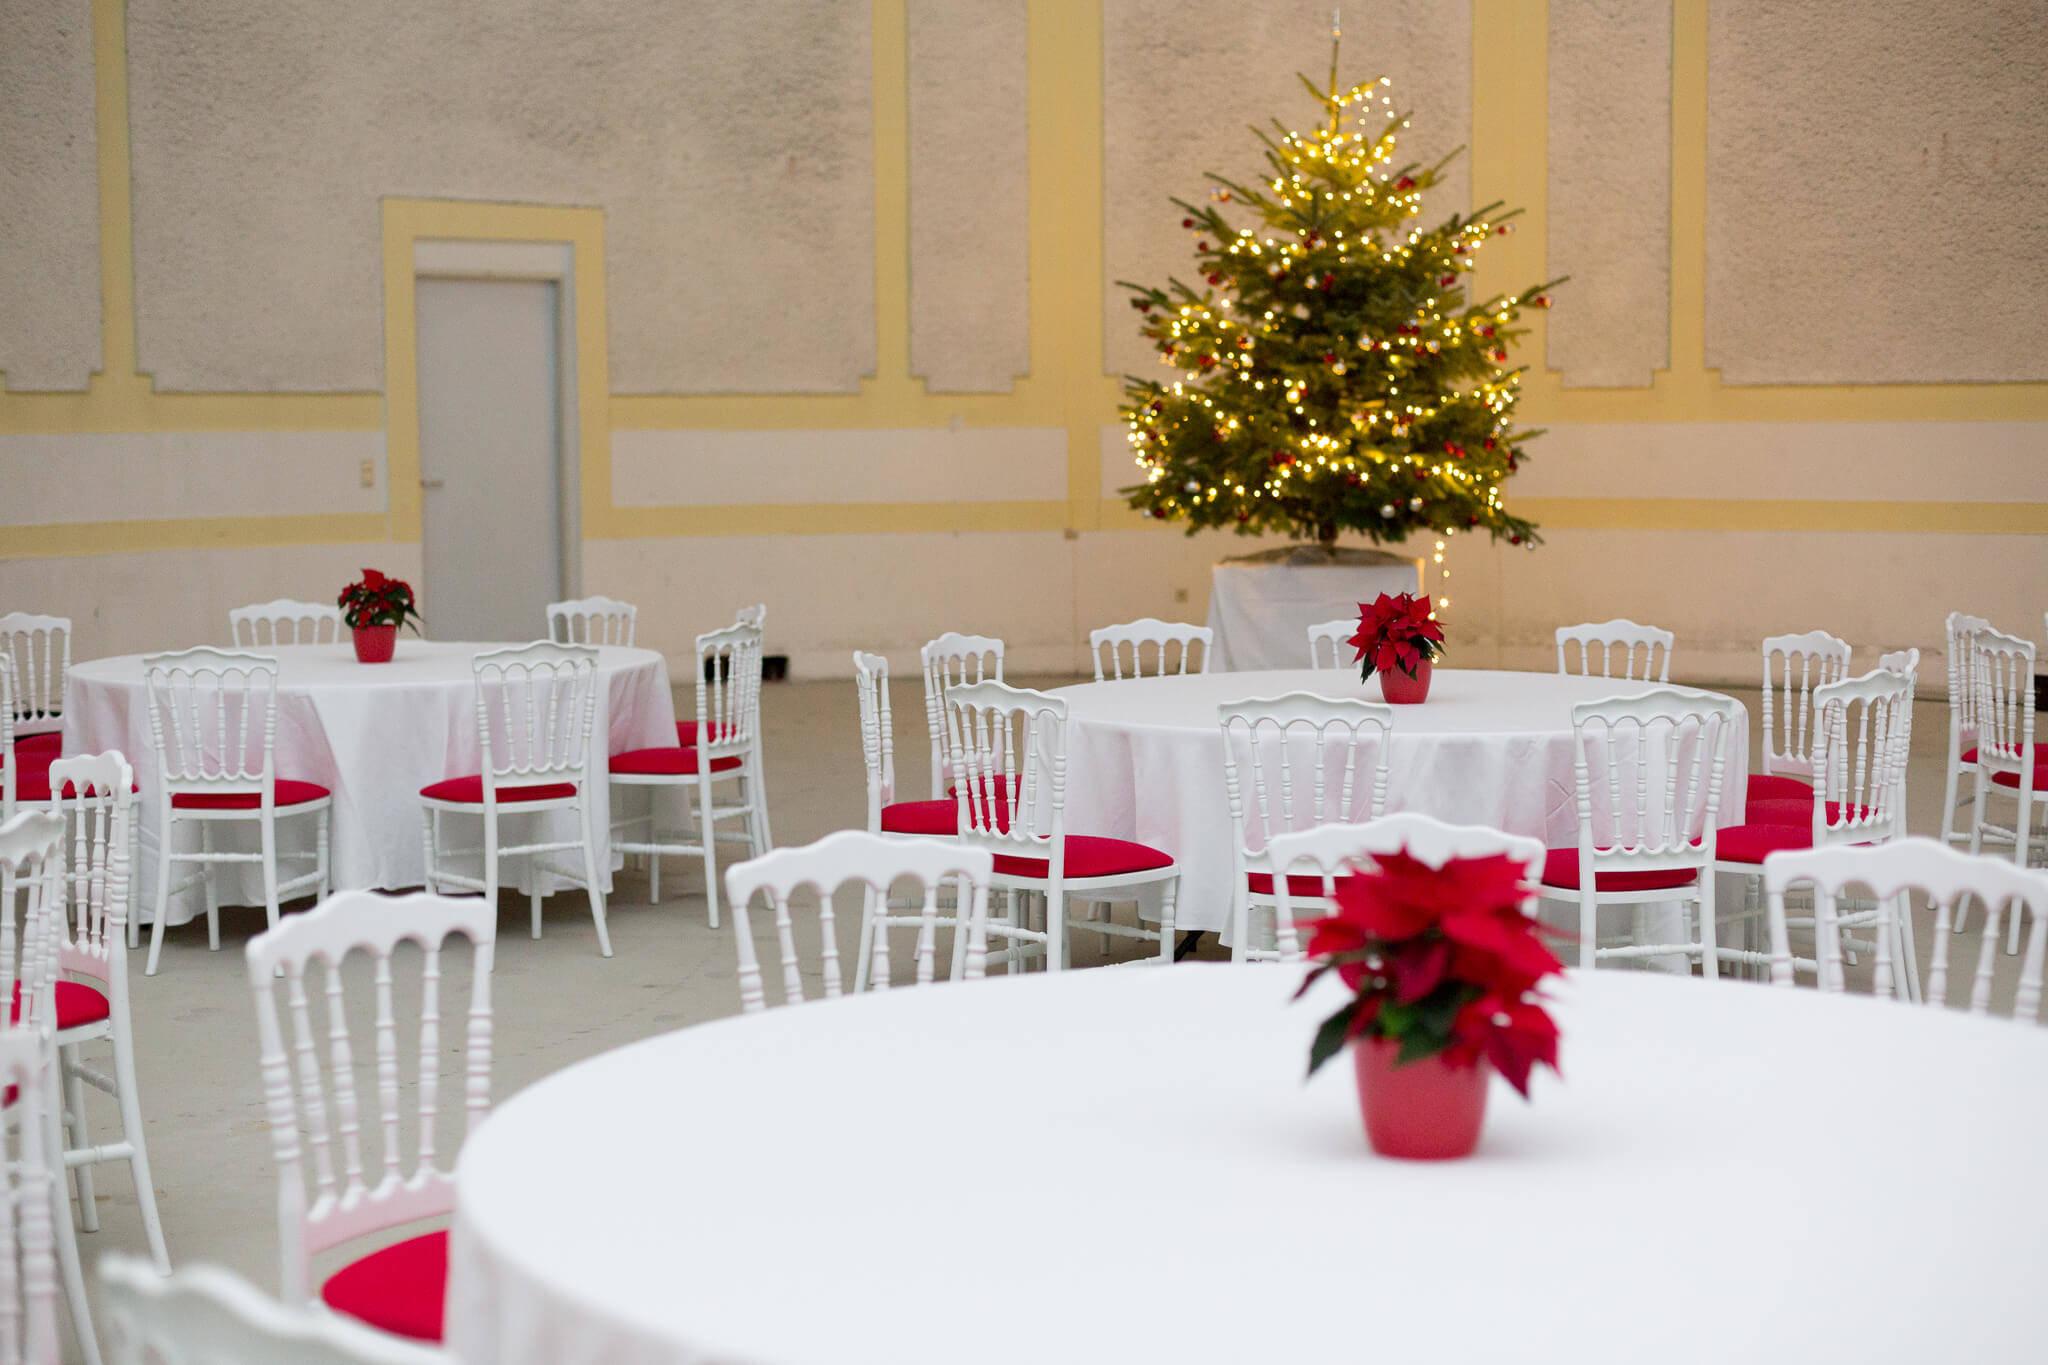 Weihnachtsfeier mit Mietmöbeln von Mietmöbel Föhr